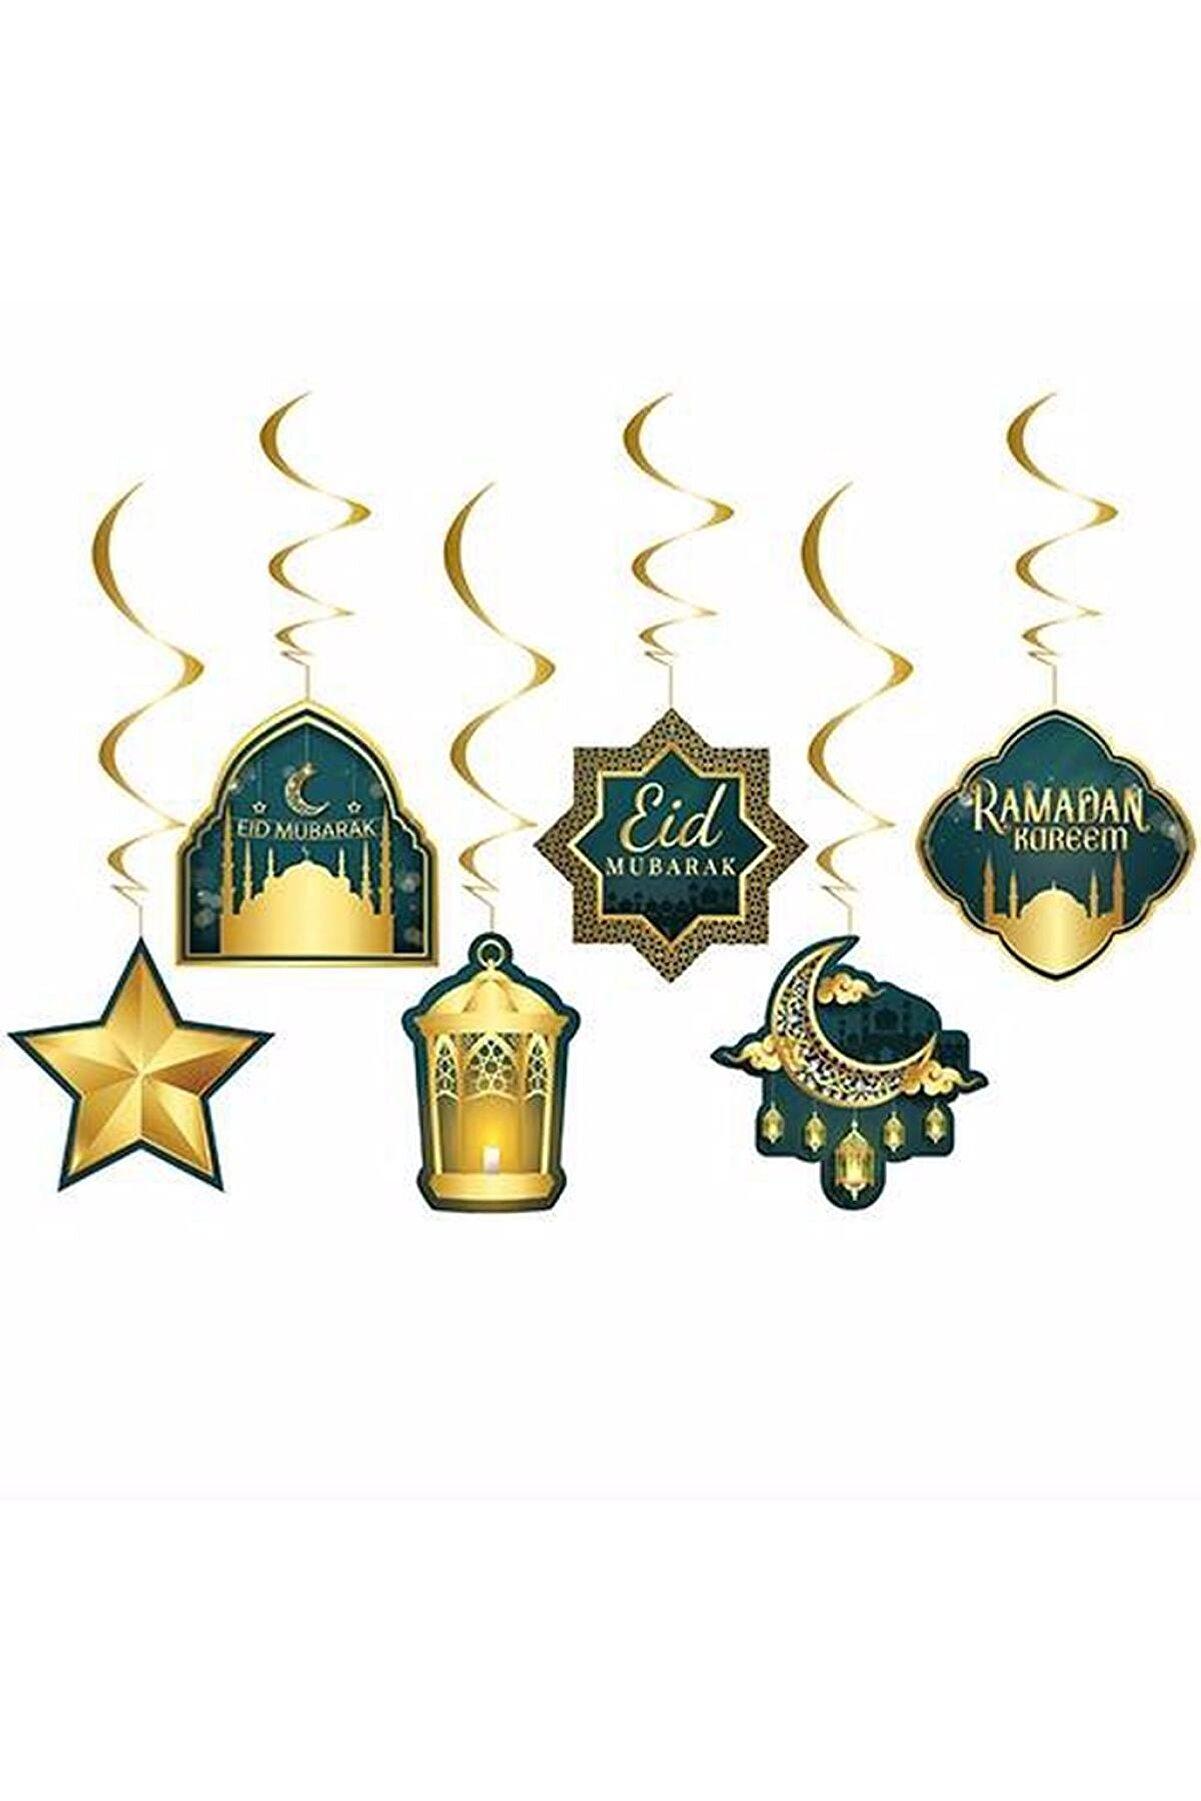 Huzur Party Store 6'lı Tavan Süs Eid Mubarak Ramadan Kareem Temalı Sarkıt English İngilizce Dini İslami Süsü